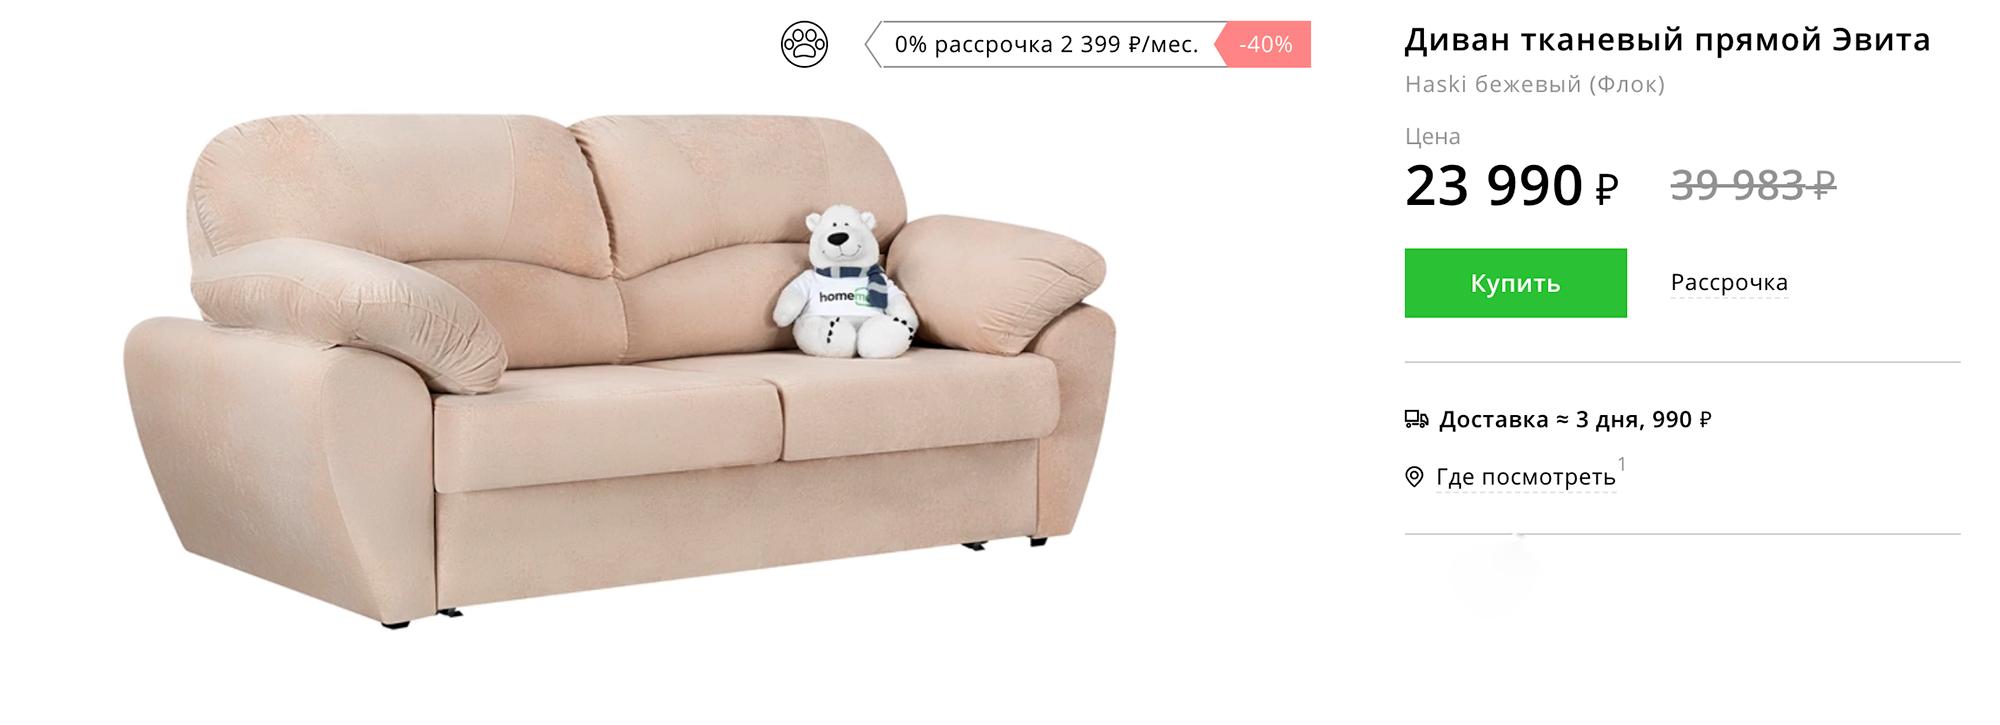 Этот диван обит тканью «флок». Производитель уверяет, что диван не боится зацепок и царапин от кошачьих когтей